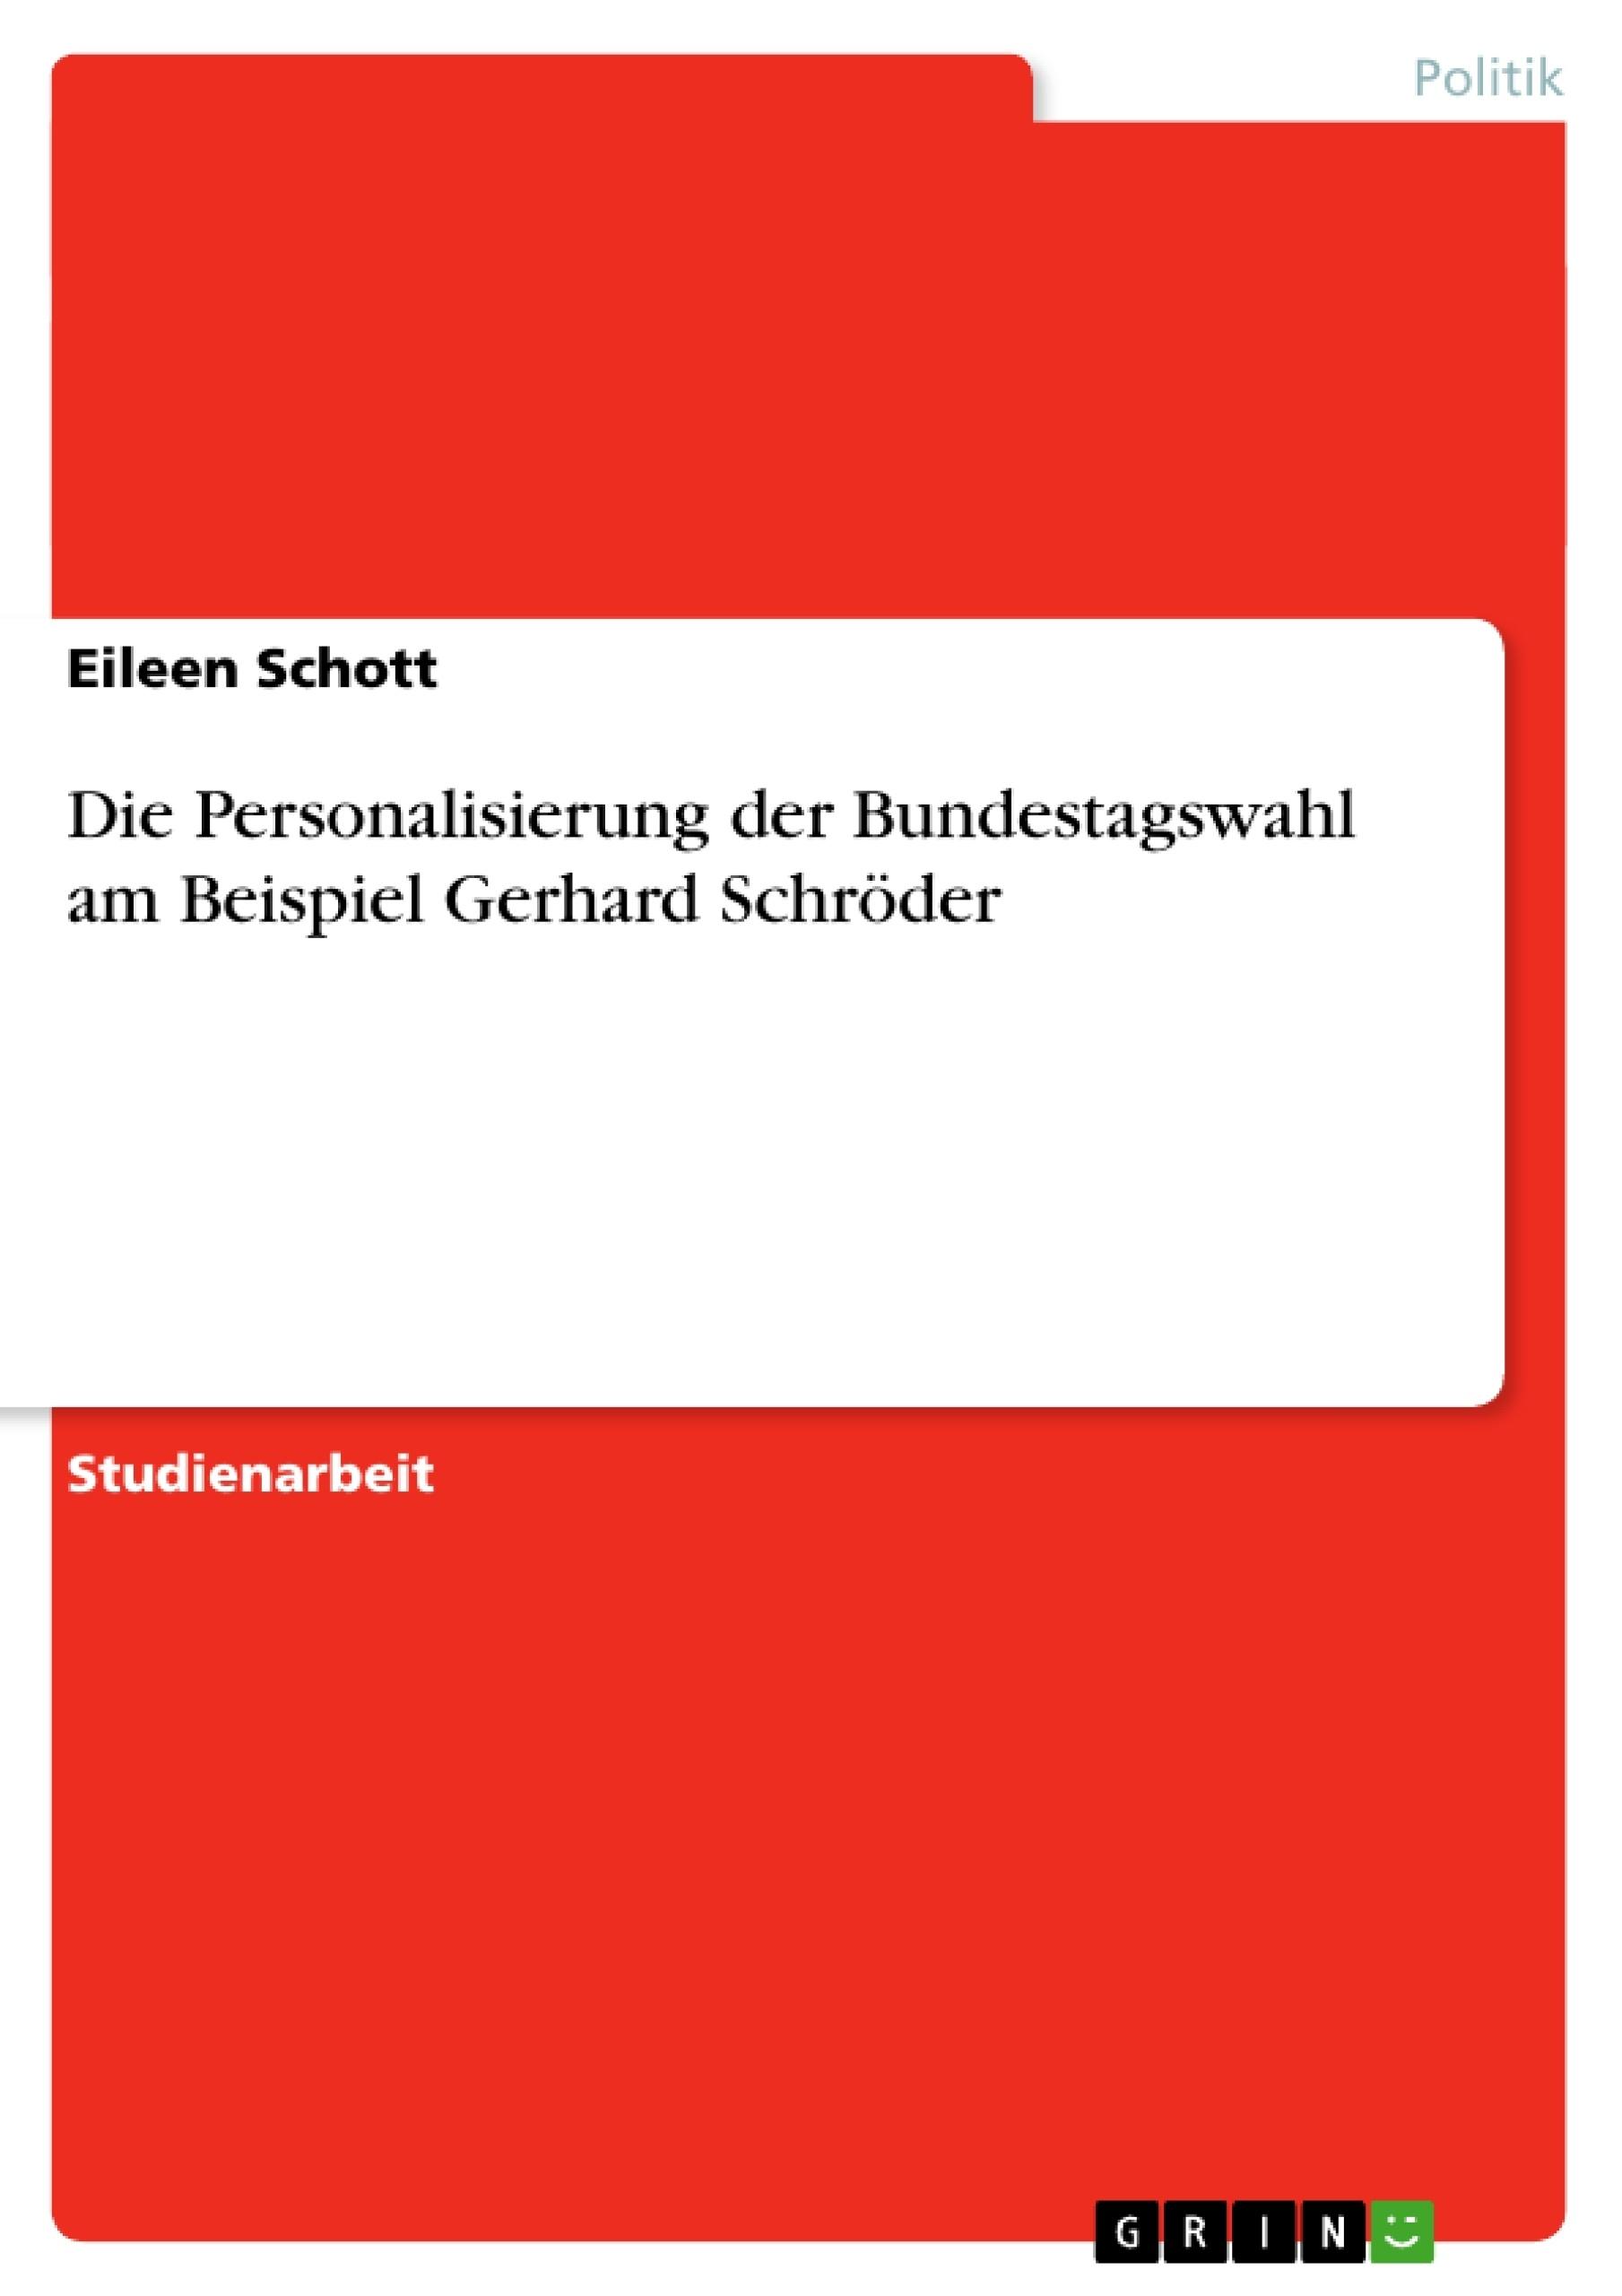 Titel: Die Personalisierung der Bundestagswahl am Beispiel Gerhard Schröder